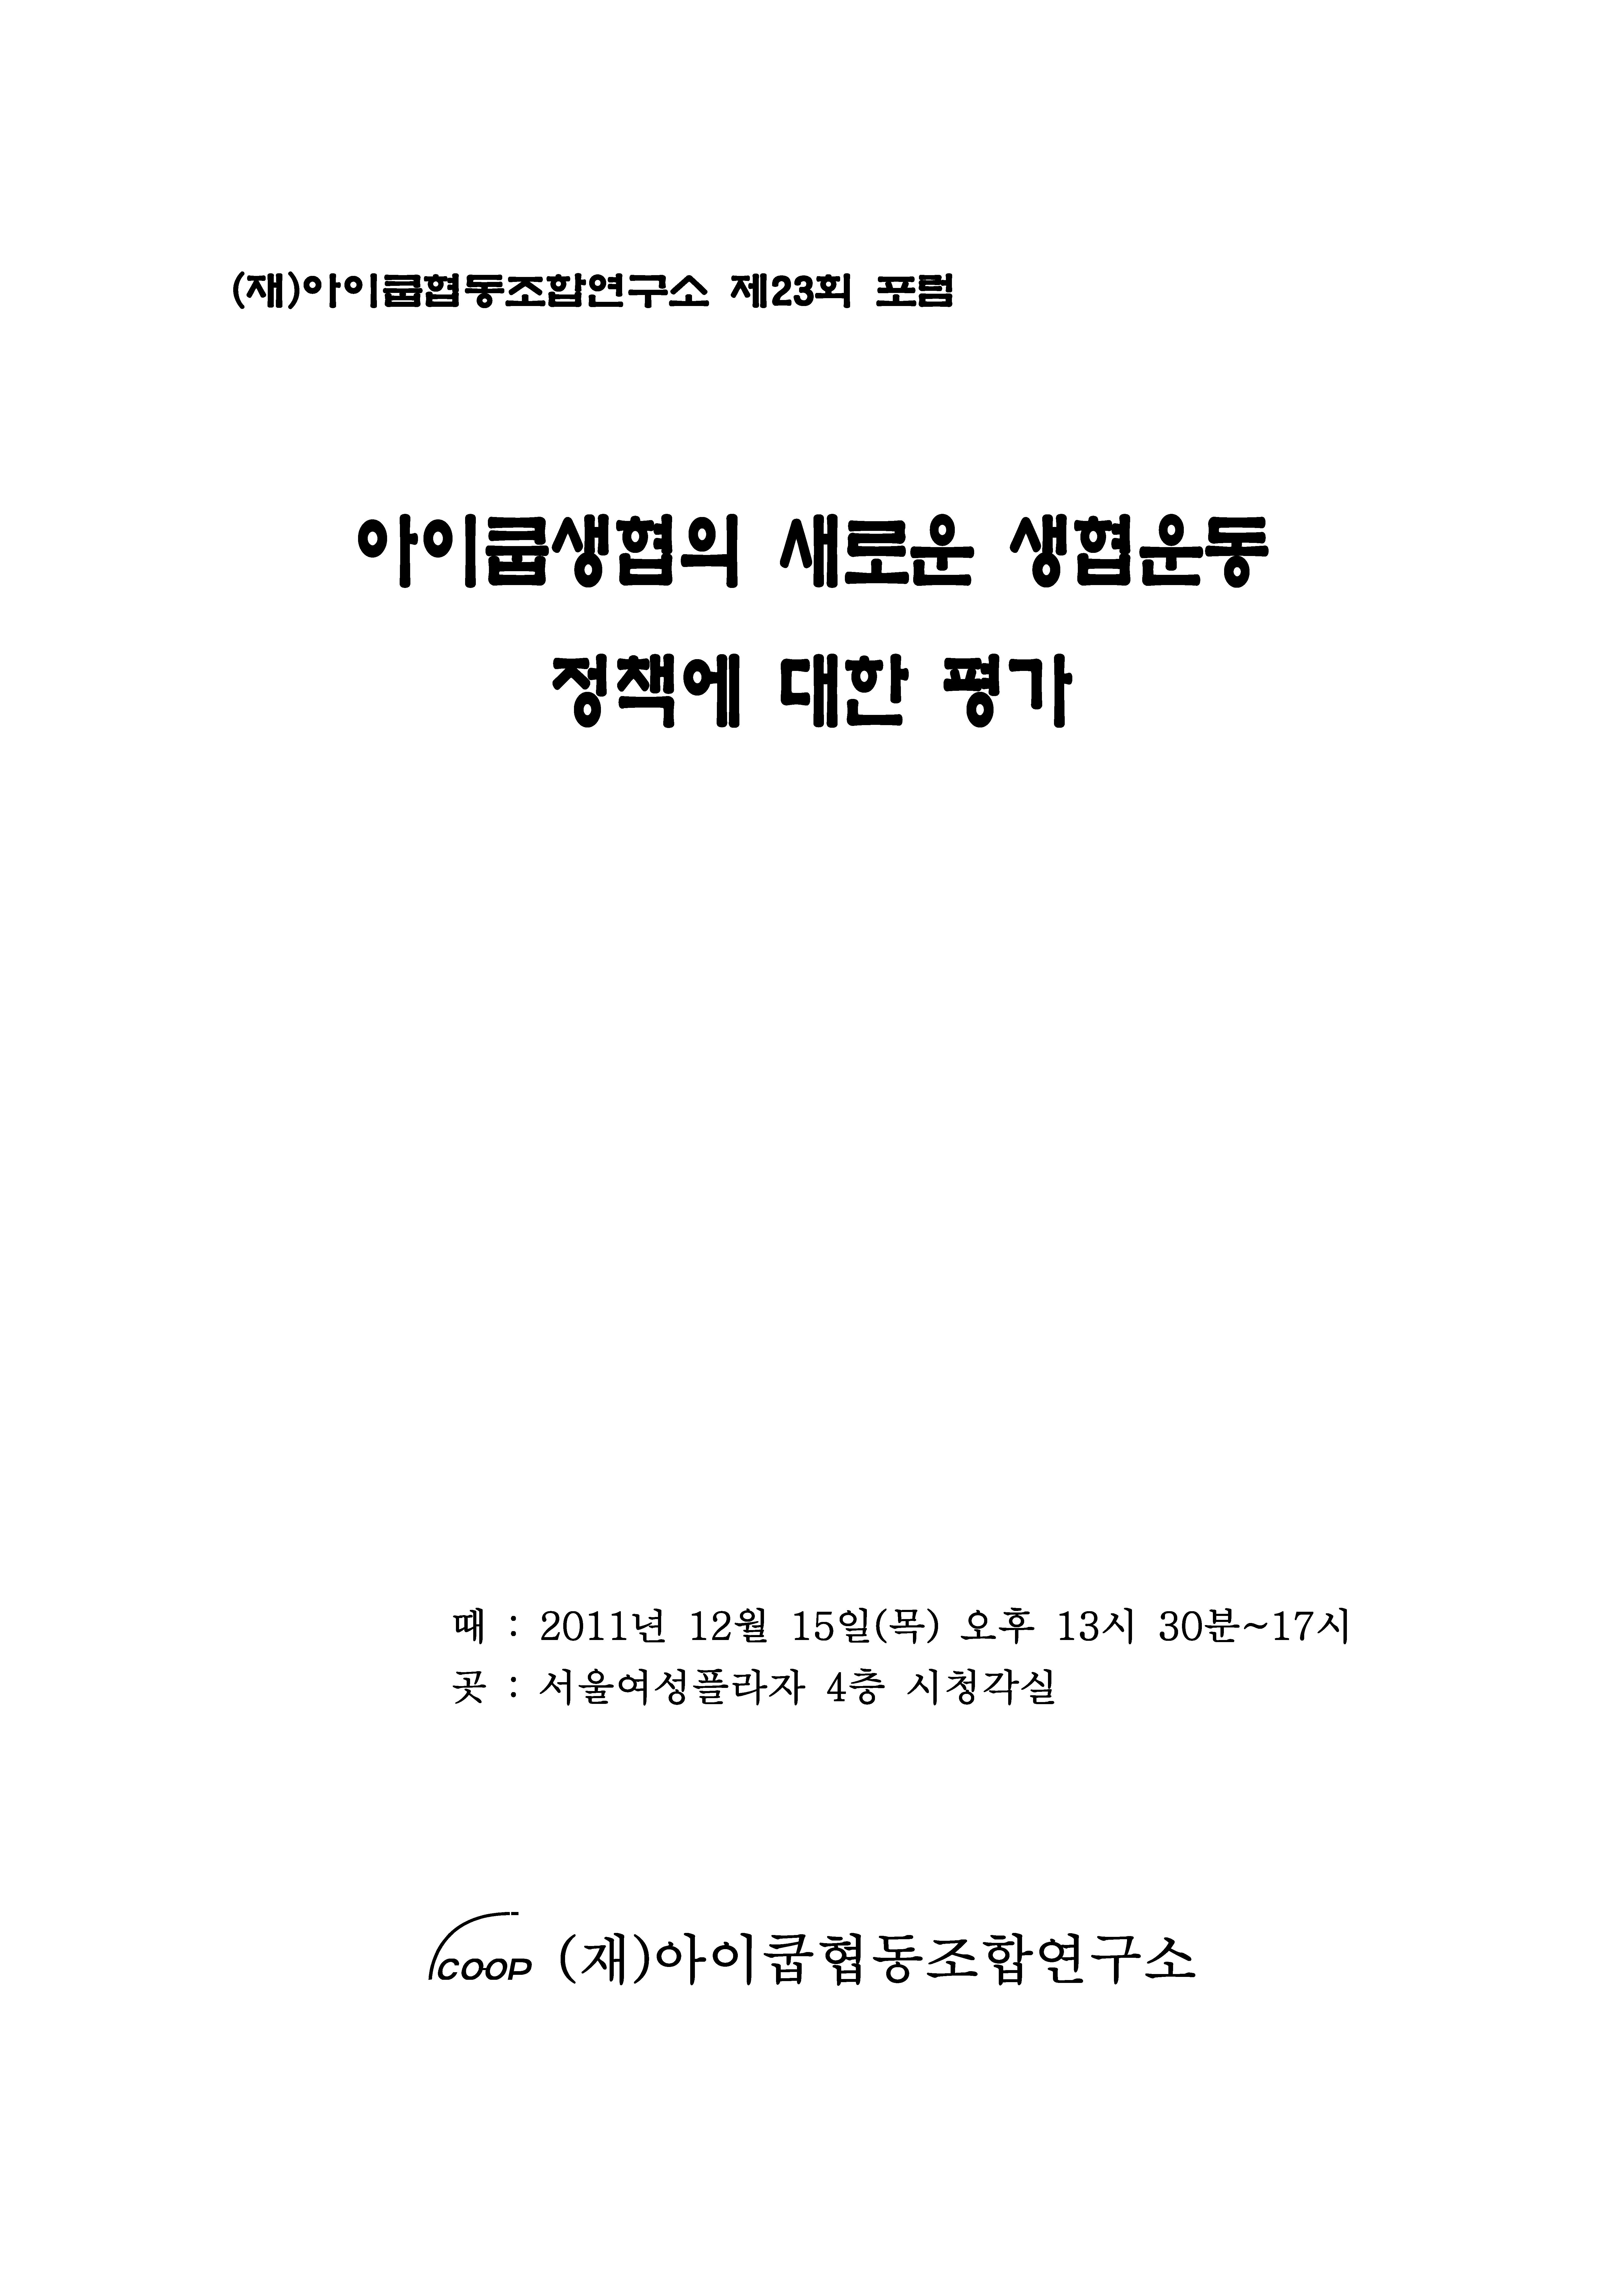 55_(제23회 포럼 자료집) 『iCOOP생협의 새로운 생협운동 정책에 대한 평가』_Page_01.jpg